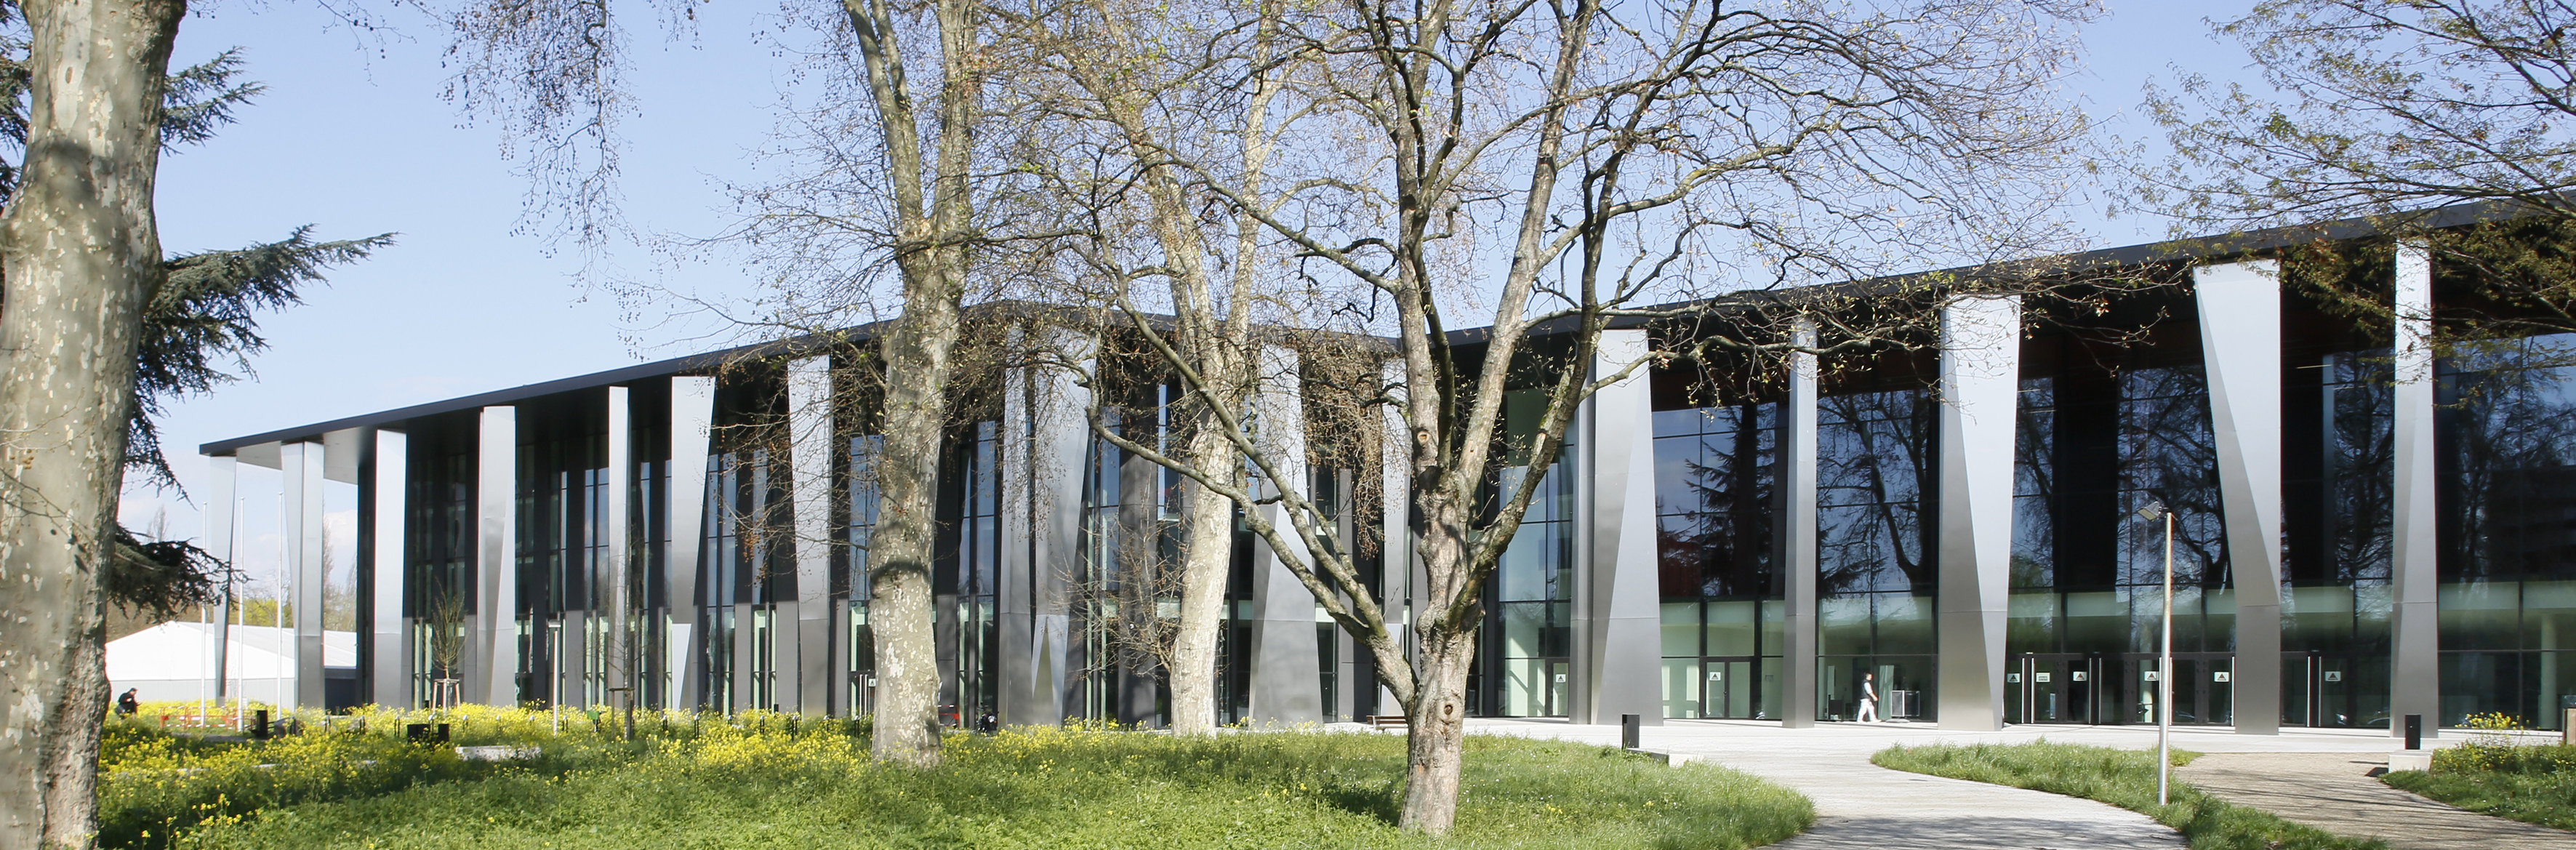 Serge Lucquet Agence Rey Lucquet et associes PMC 02 e1554888299965